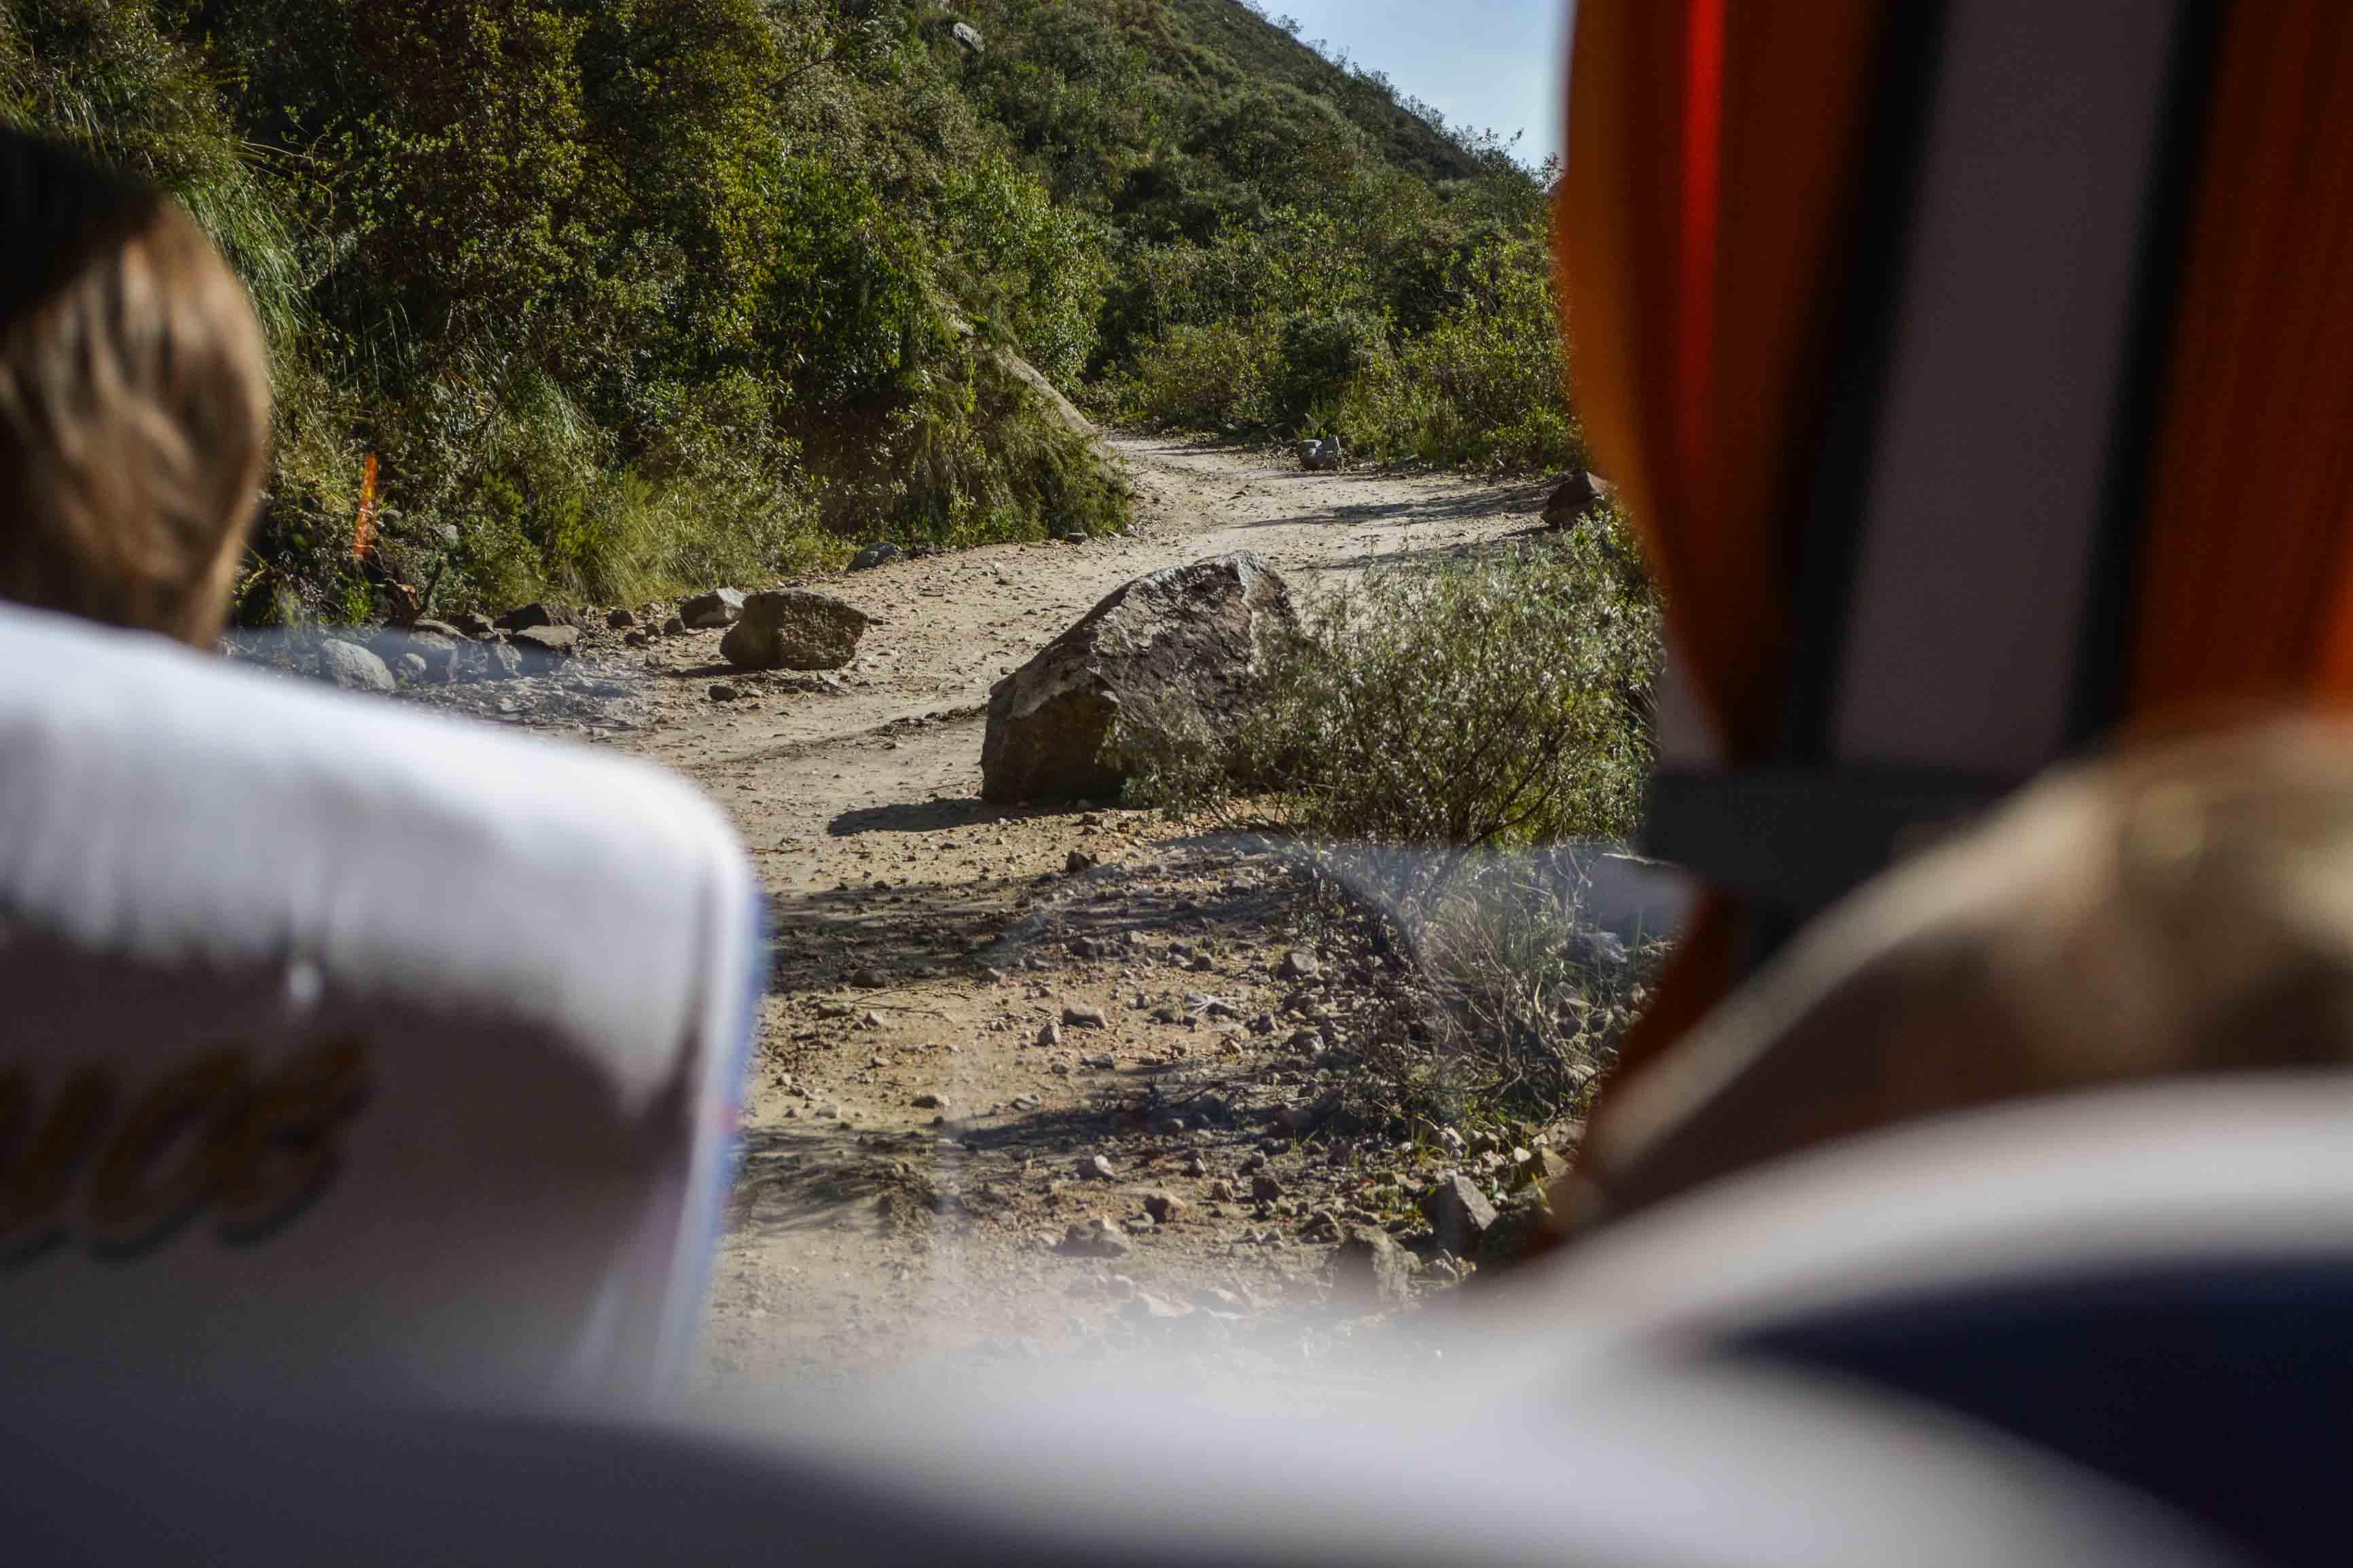 Steinschlag auf der Straße in den Anden, Peru